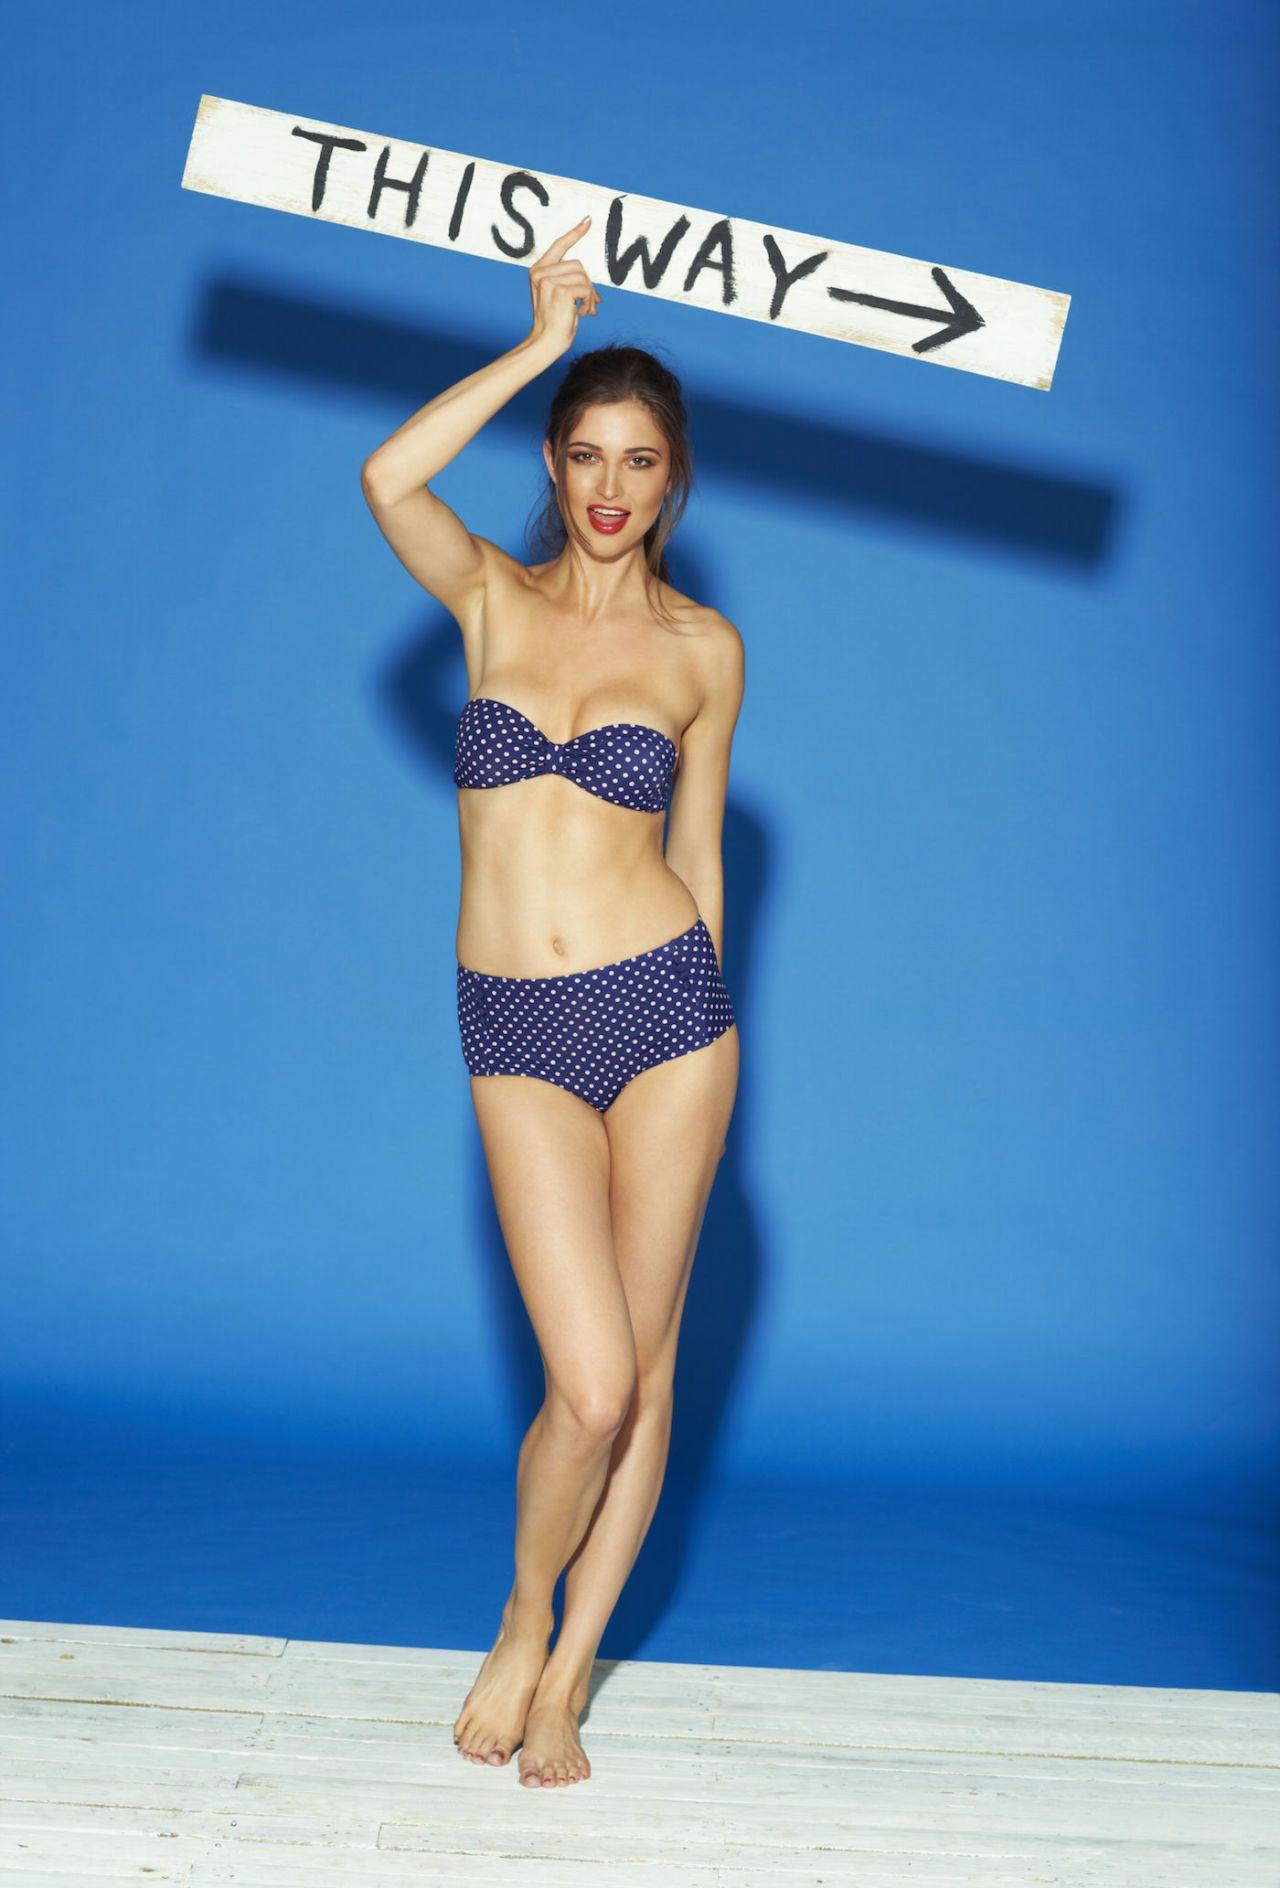 perdere peso per la stagione bikini